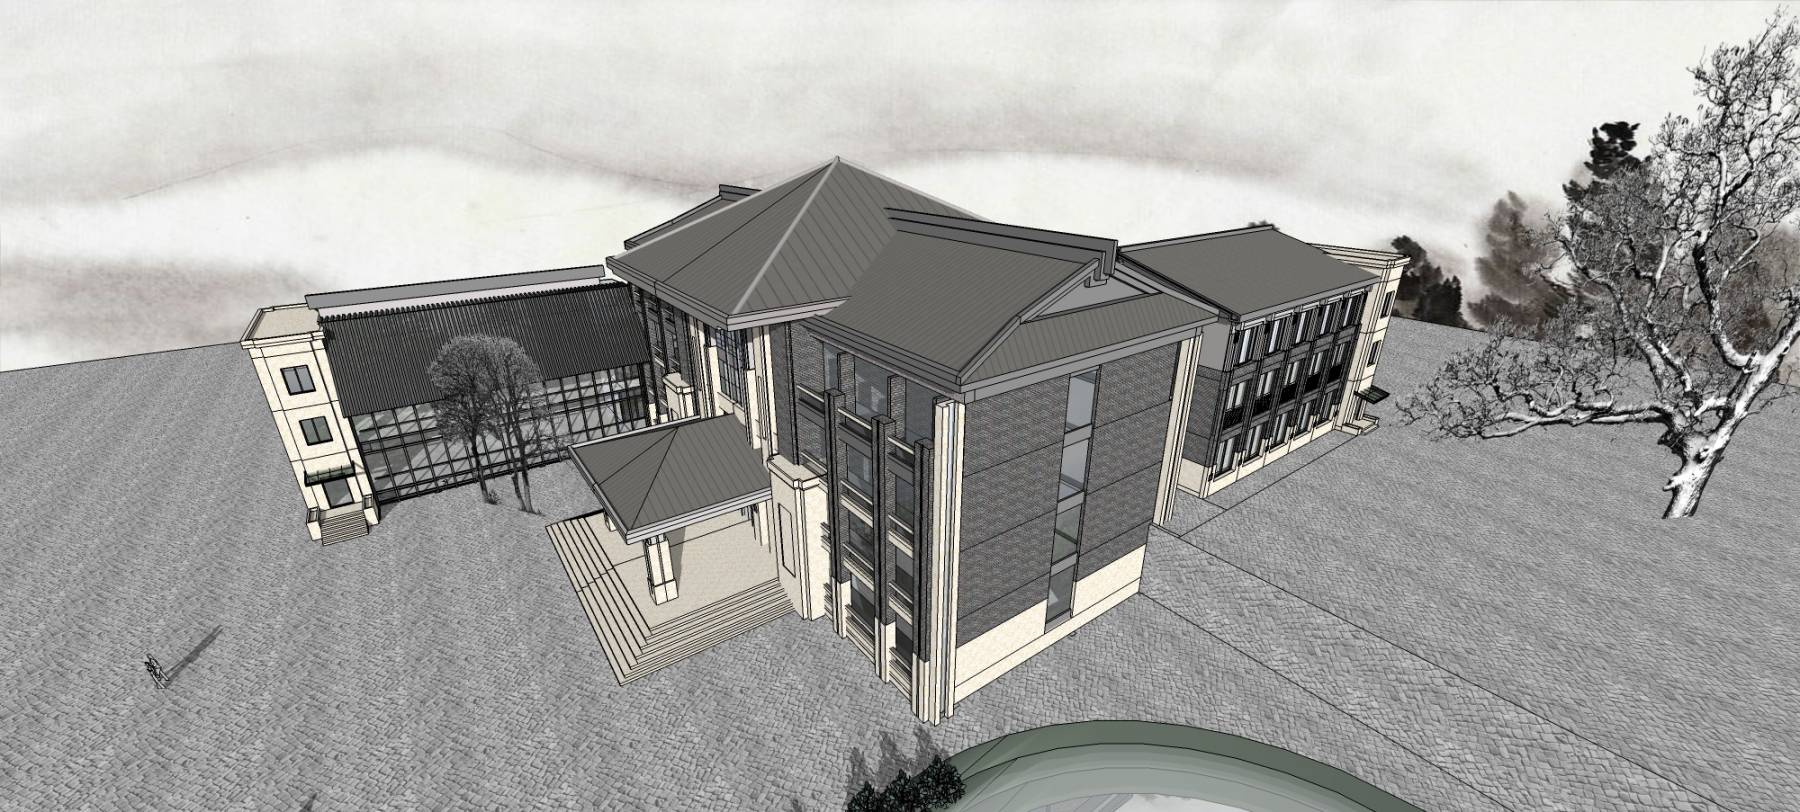 小办公楼模型